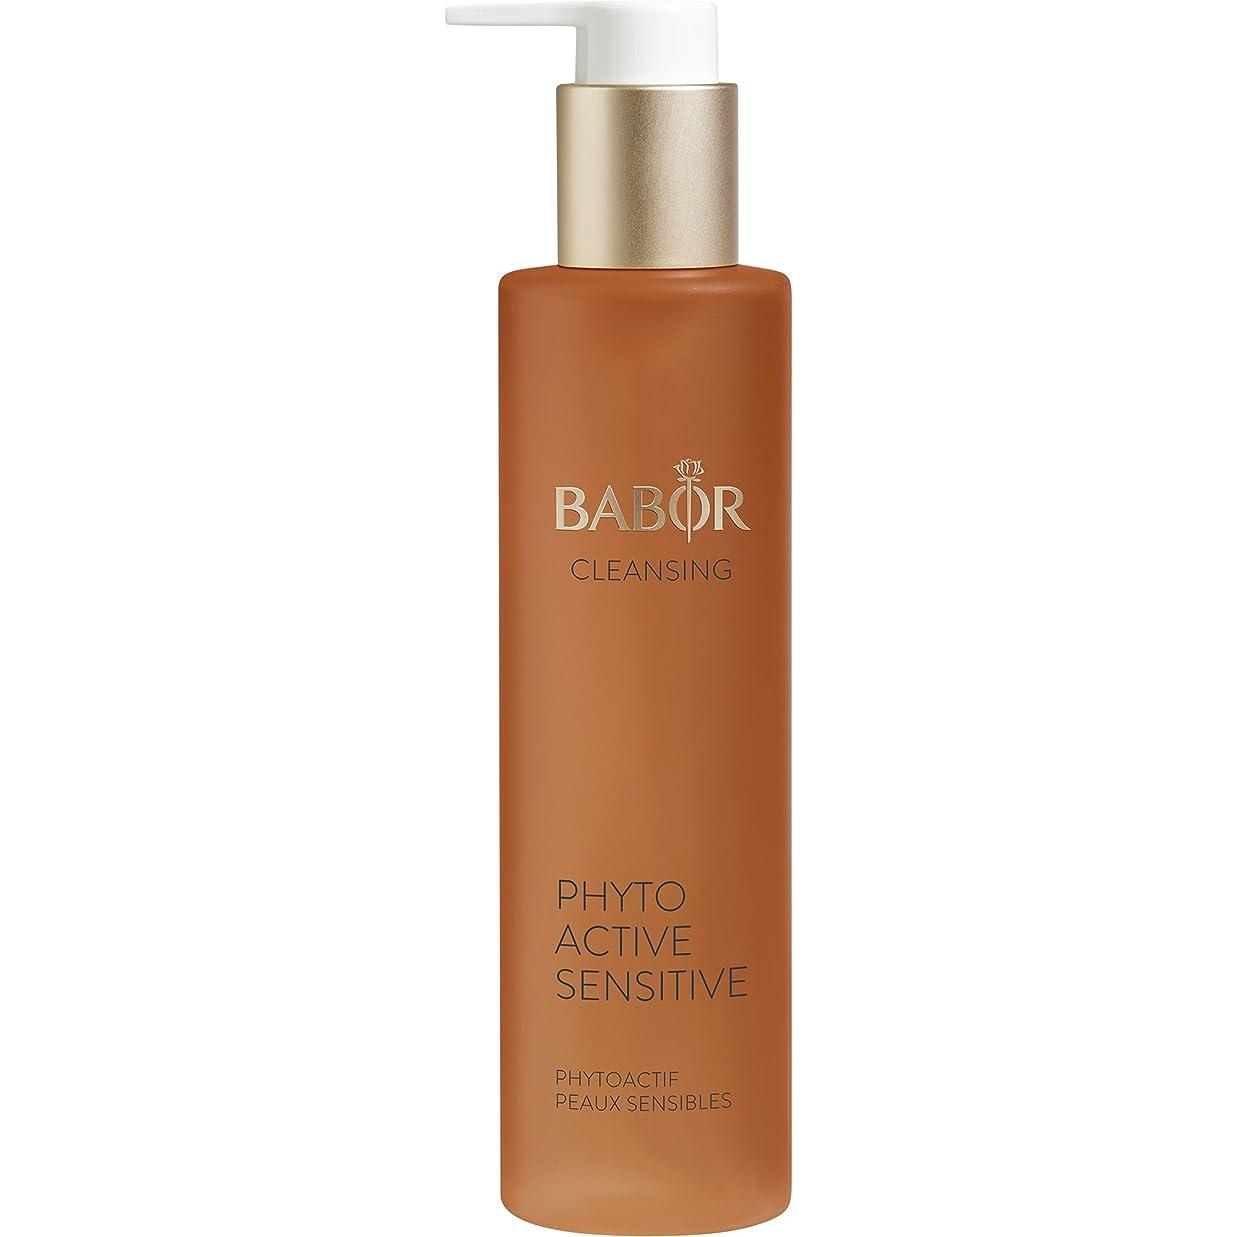 ボンド持続するジョリーバボール CLEANSING Phytoactive Sensitive -For Sensitive Skin 100ml/3.8oz並行輸入品